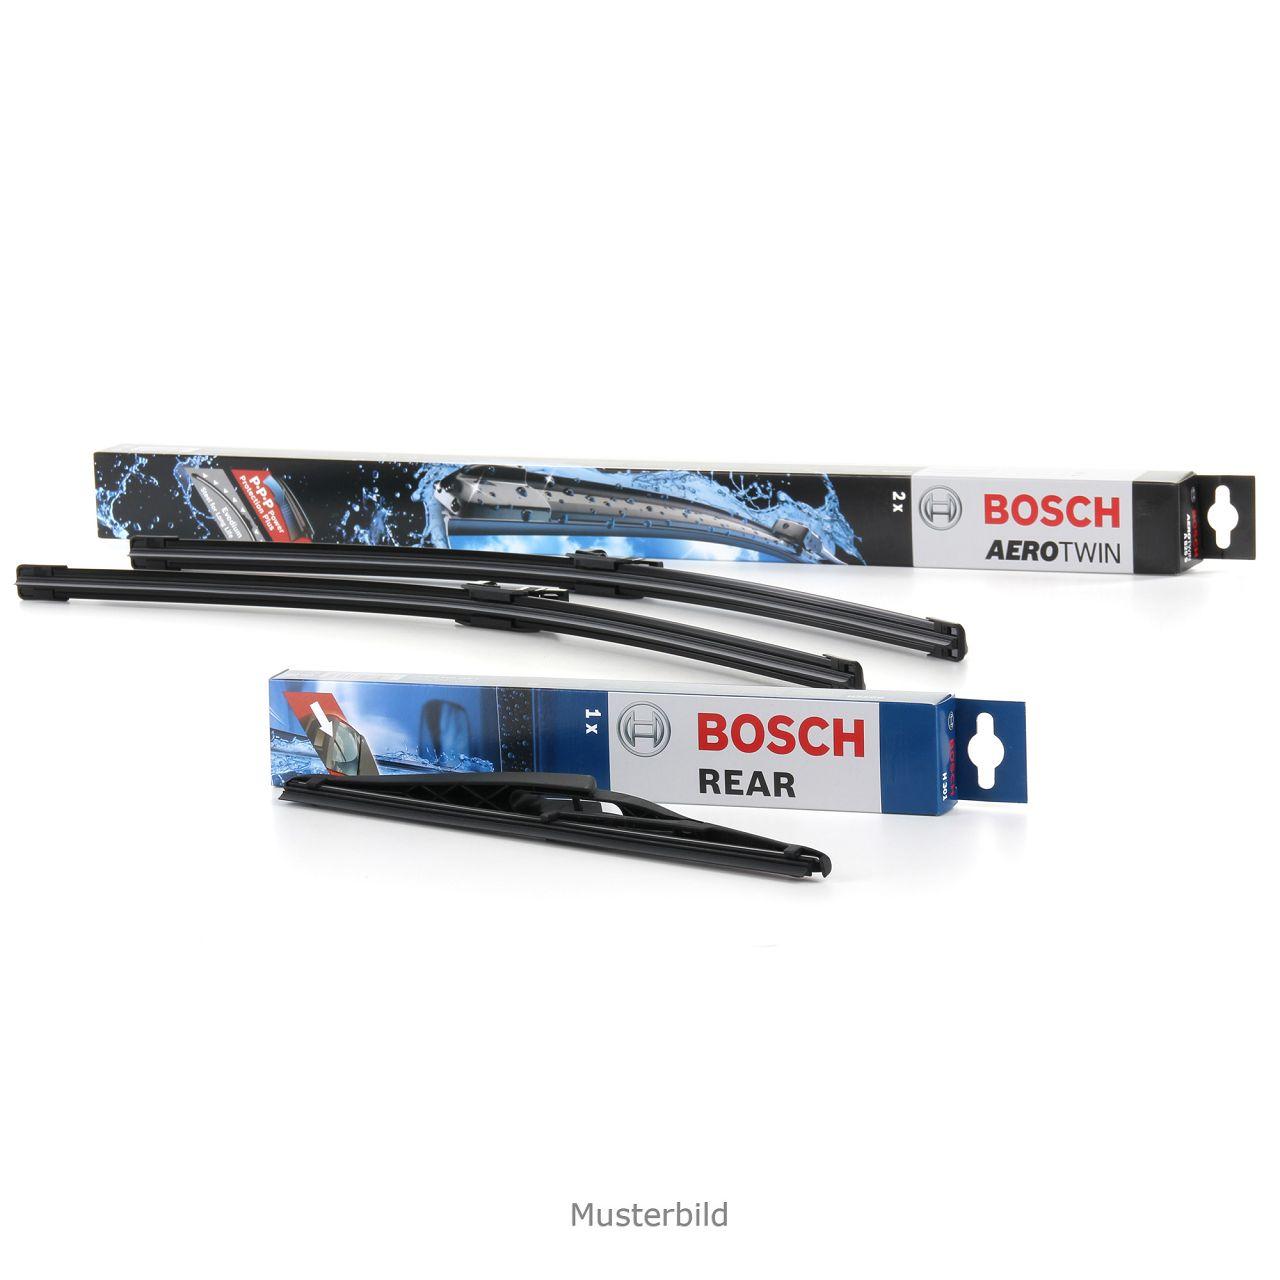 BOSCH Scheibenwischer Wischerblätter Set AR607S + H402 für Opel Vectra C GTS